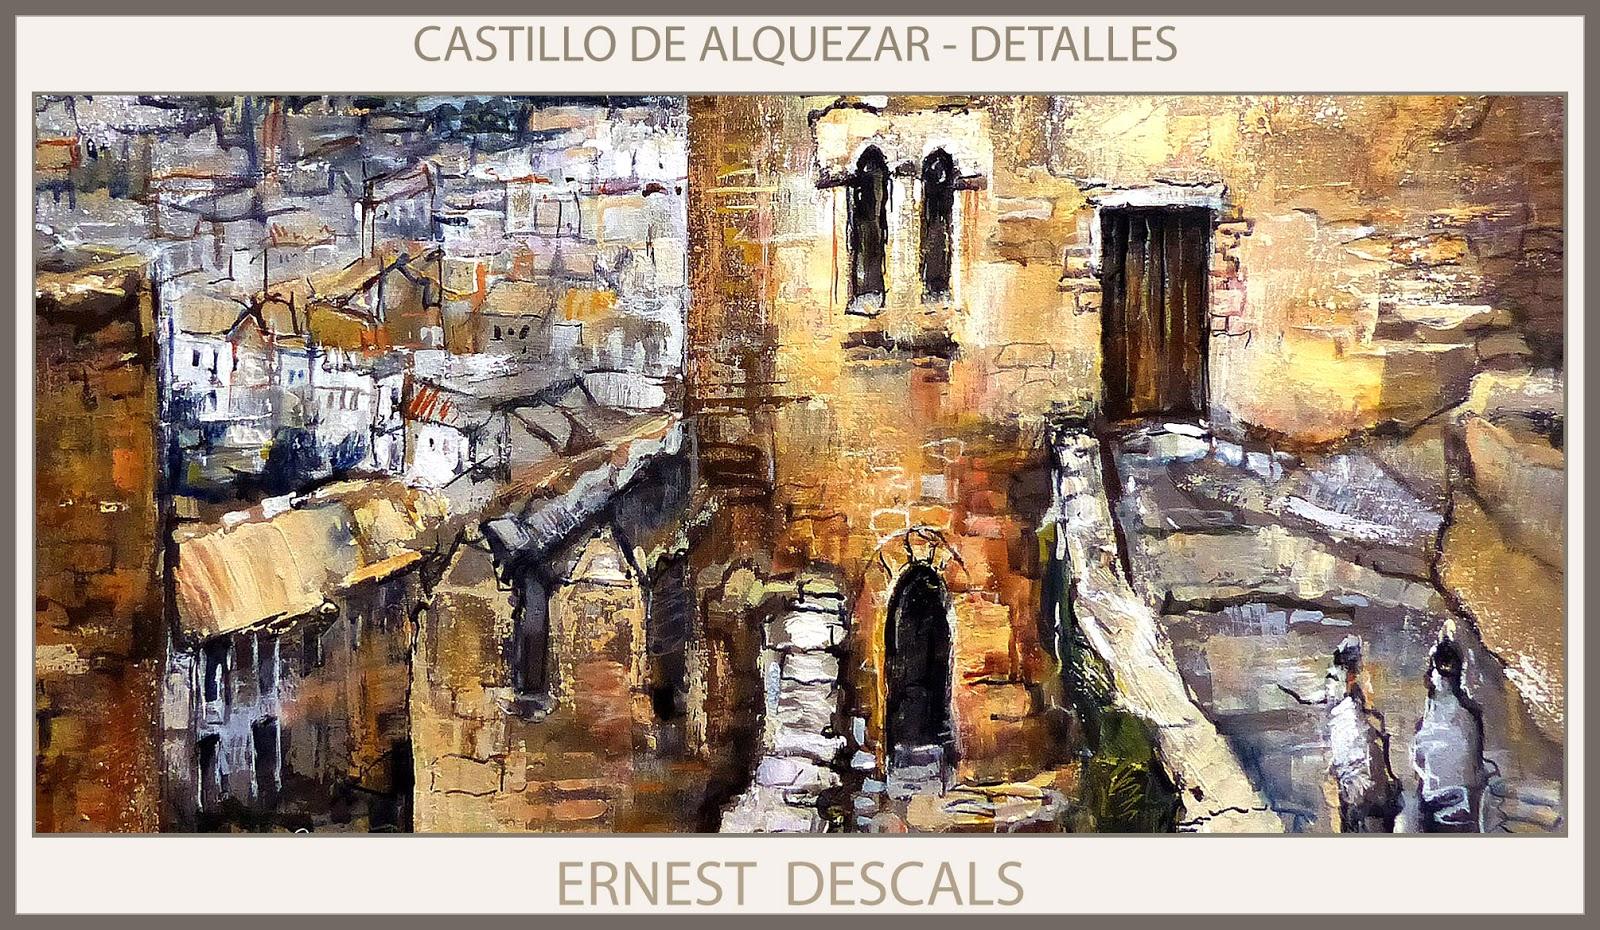 Alquezar pintura castillo pinturas huesca detalles - Cuadros online espana ...